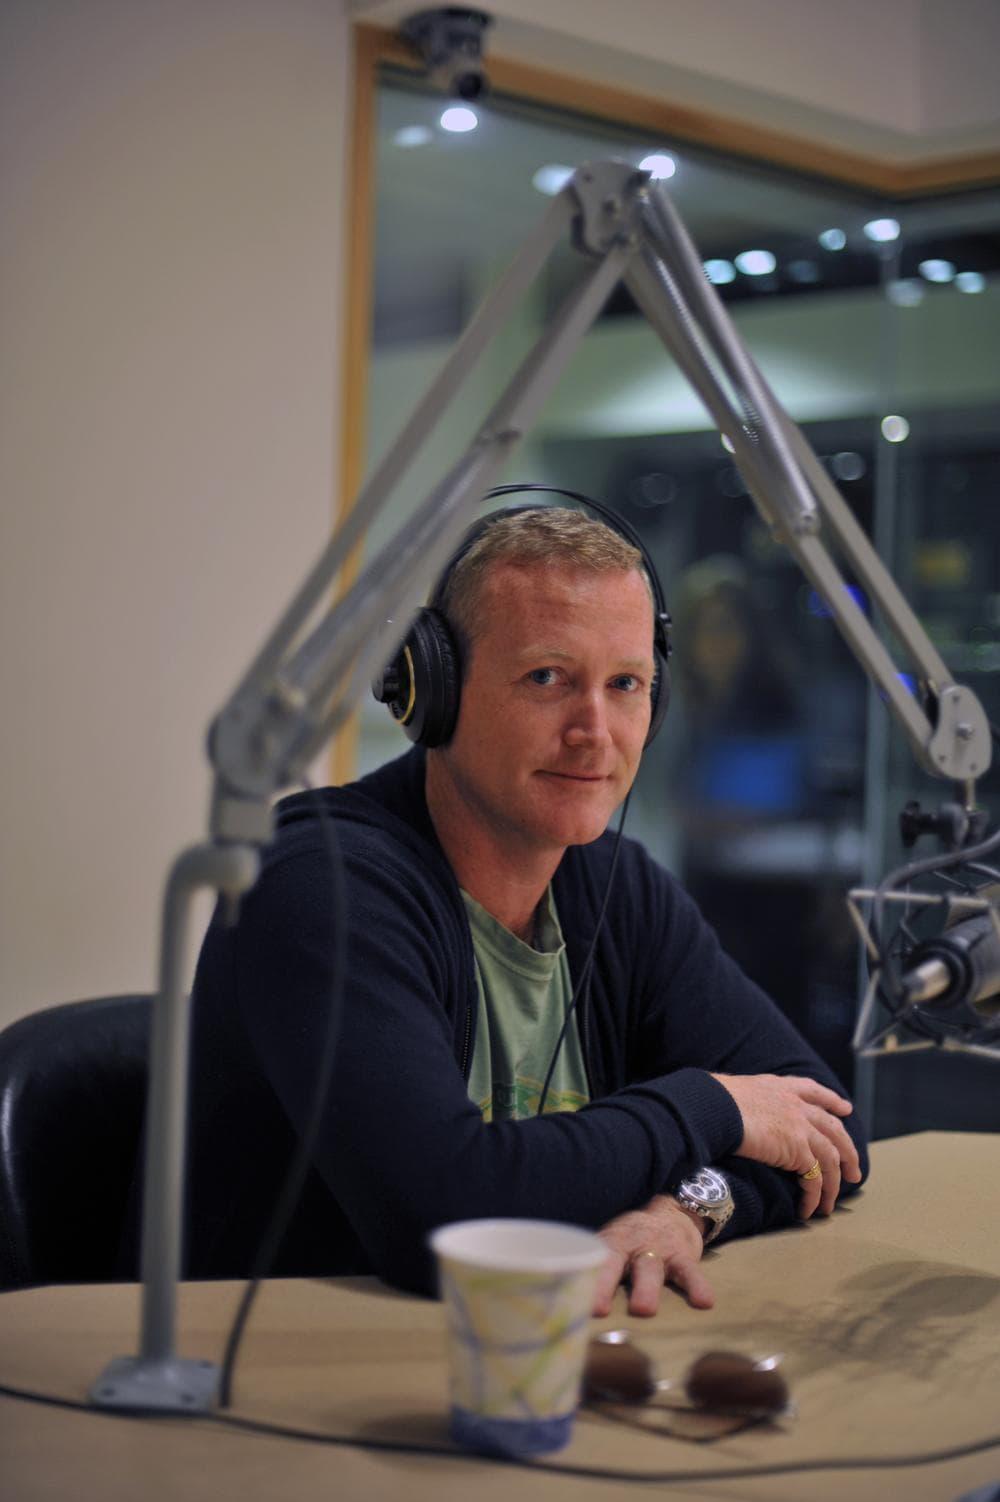 James Hider in the On Point studio. (Alex Kingsbury/WBUR)